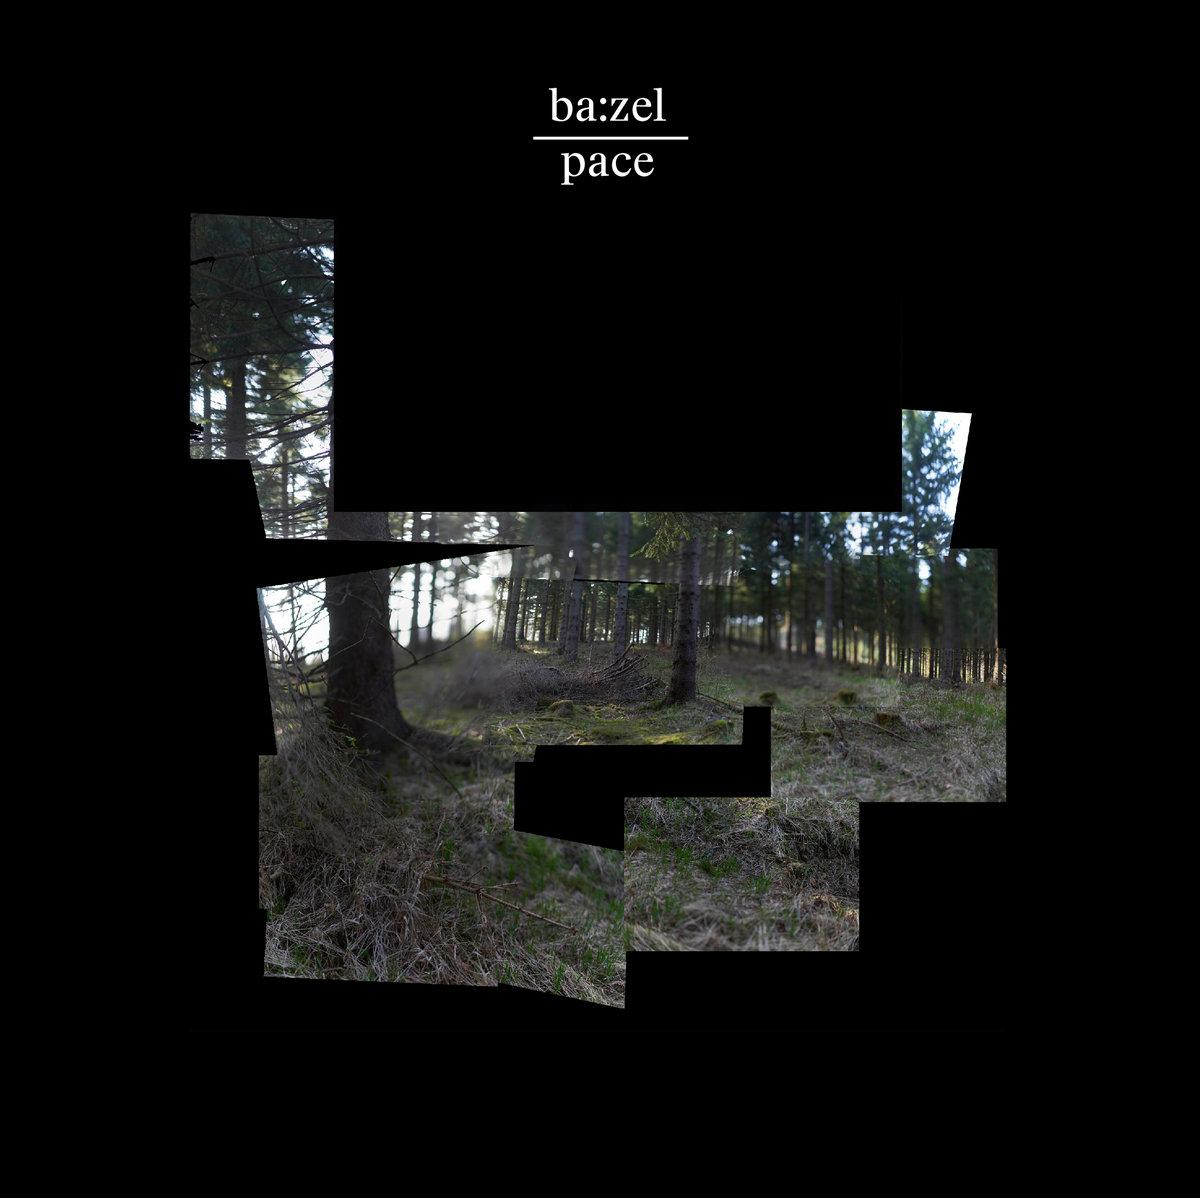 Pace by ba:zel